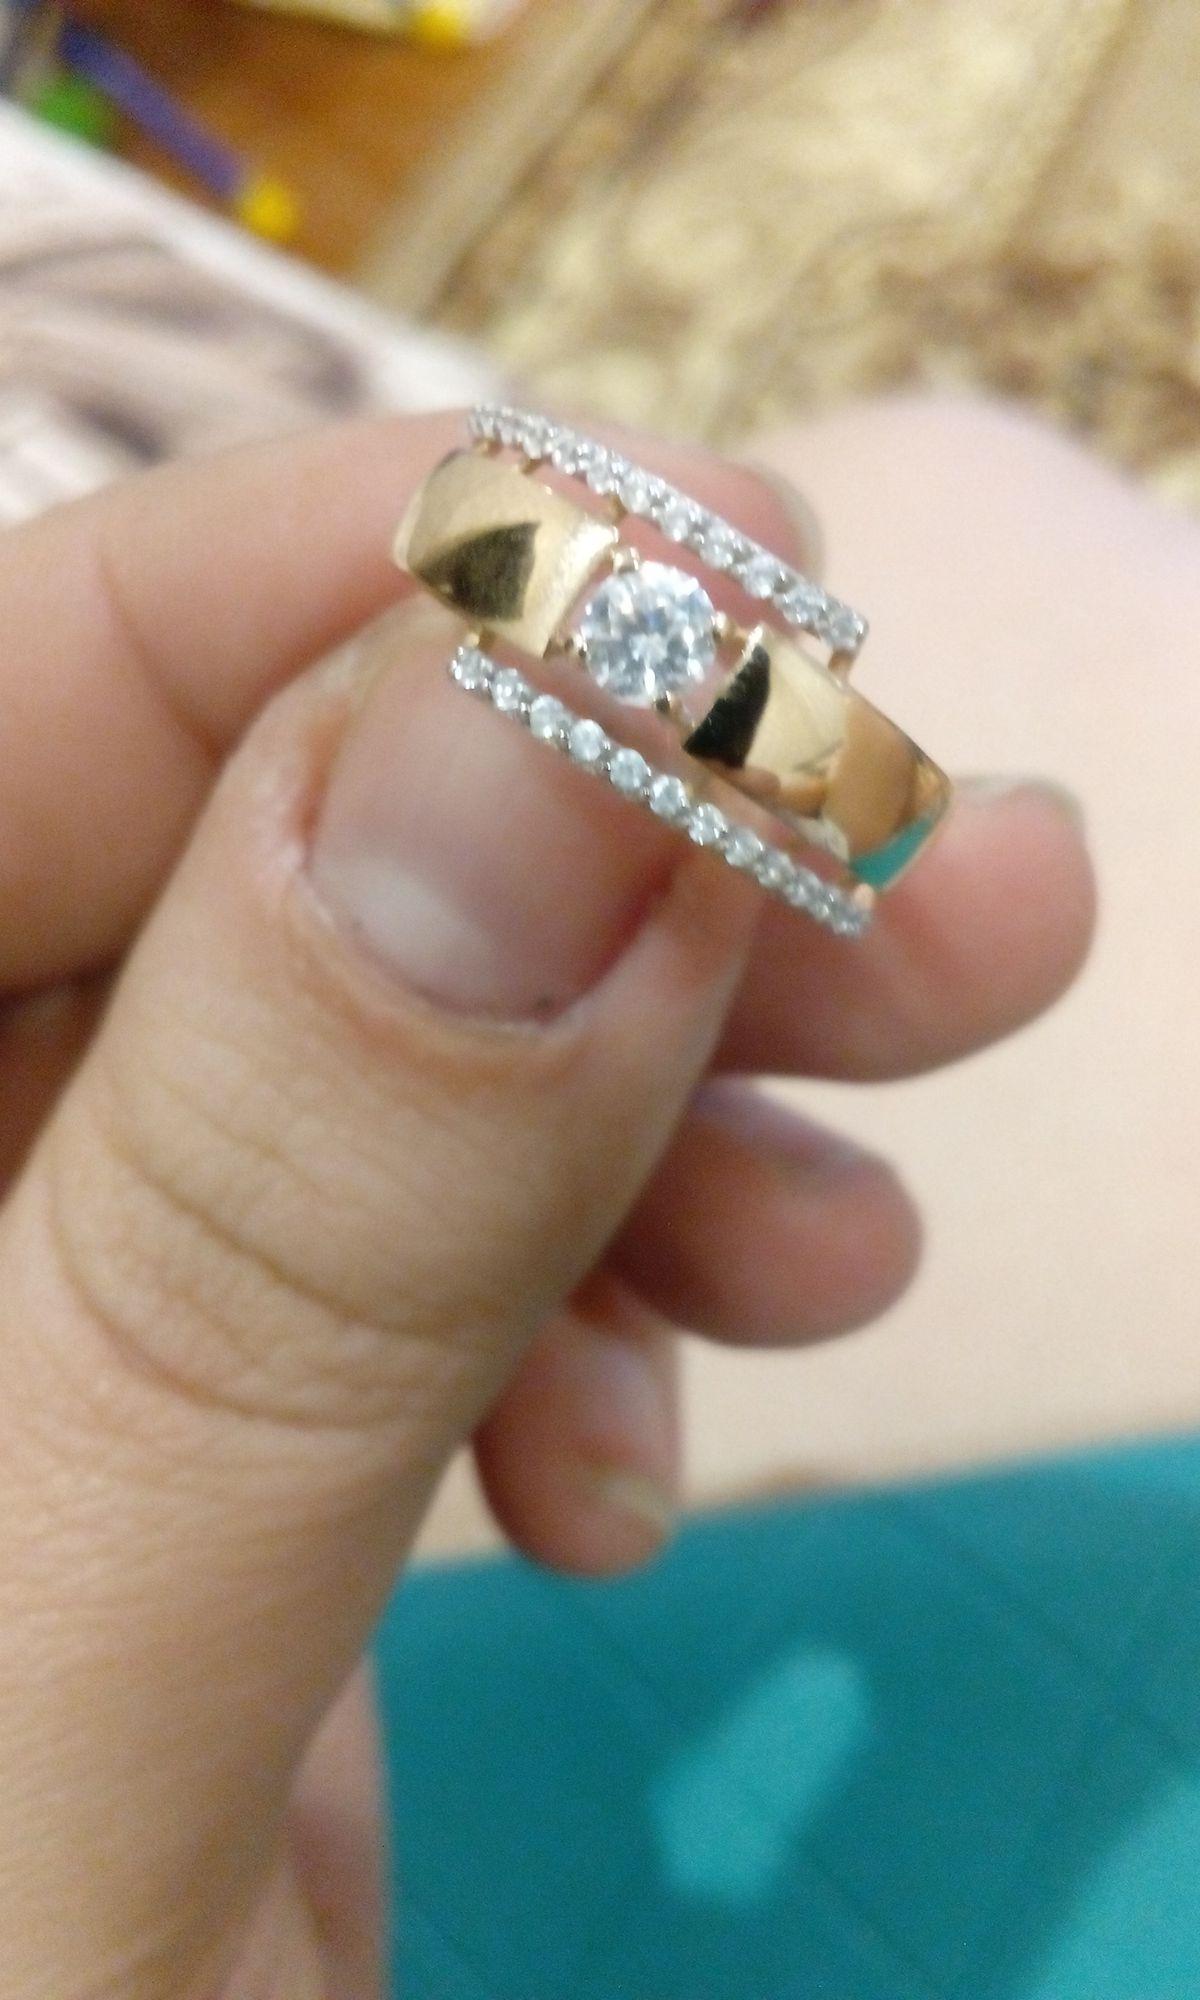 Супер кольцо!!!!!